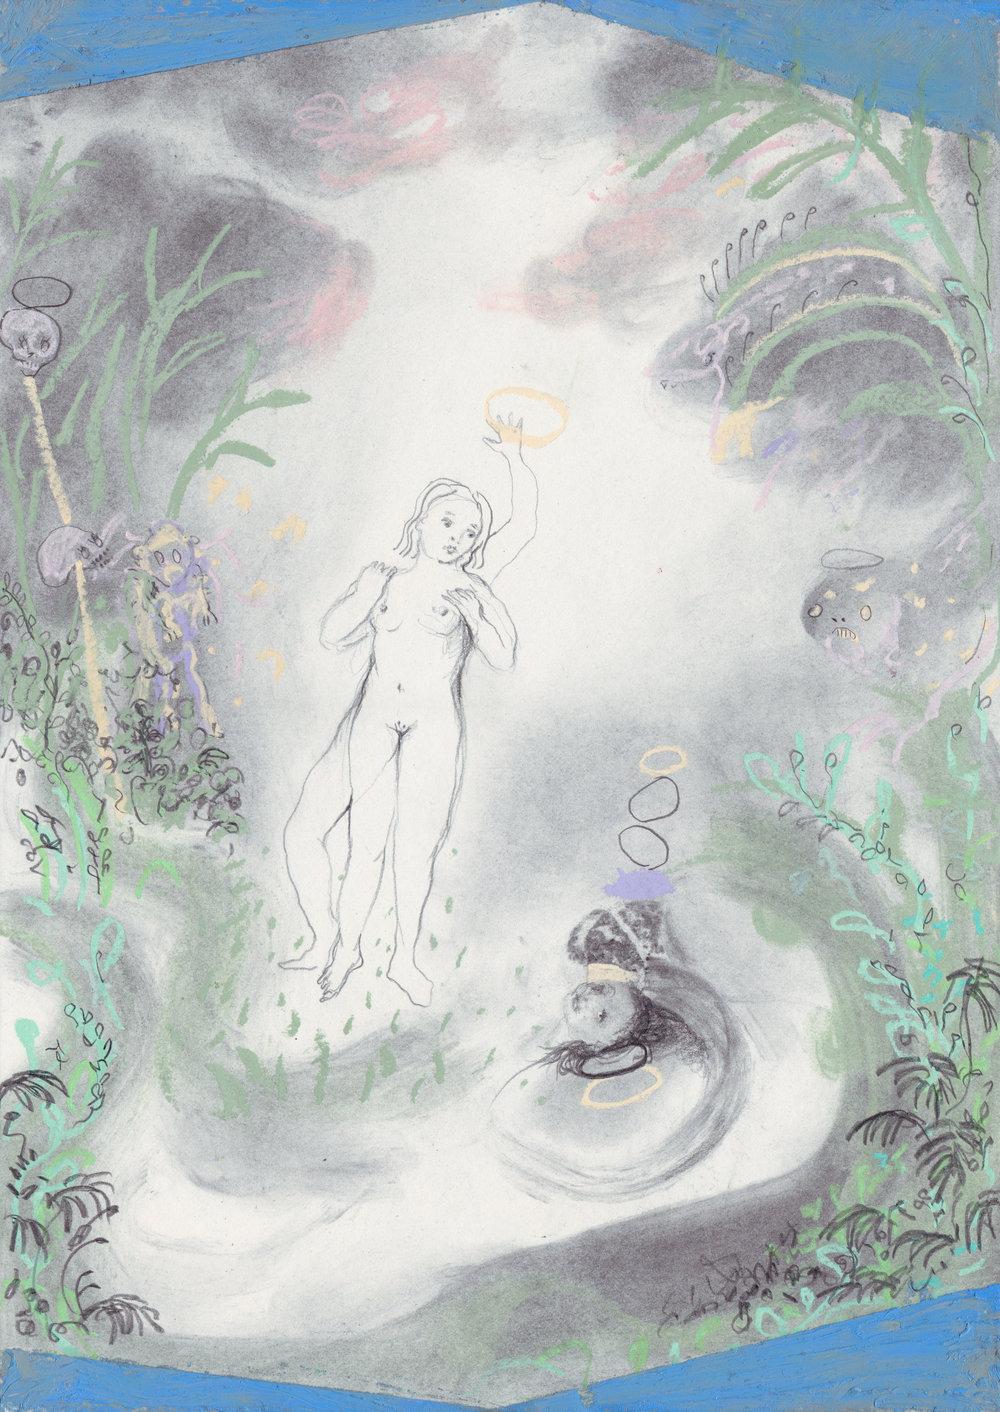 """Emeli Theander, """"The third Me"""", 2018, graphite, huile et pastel gras sur papier, 29,7x42 cm, 2018."""